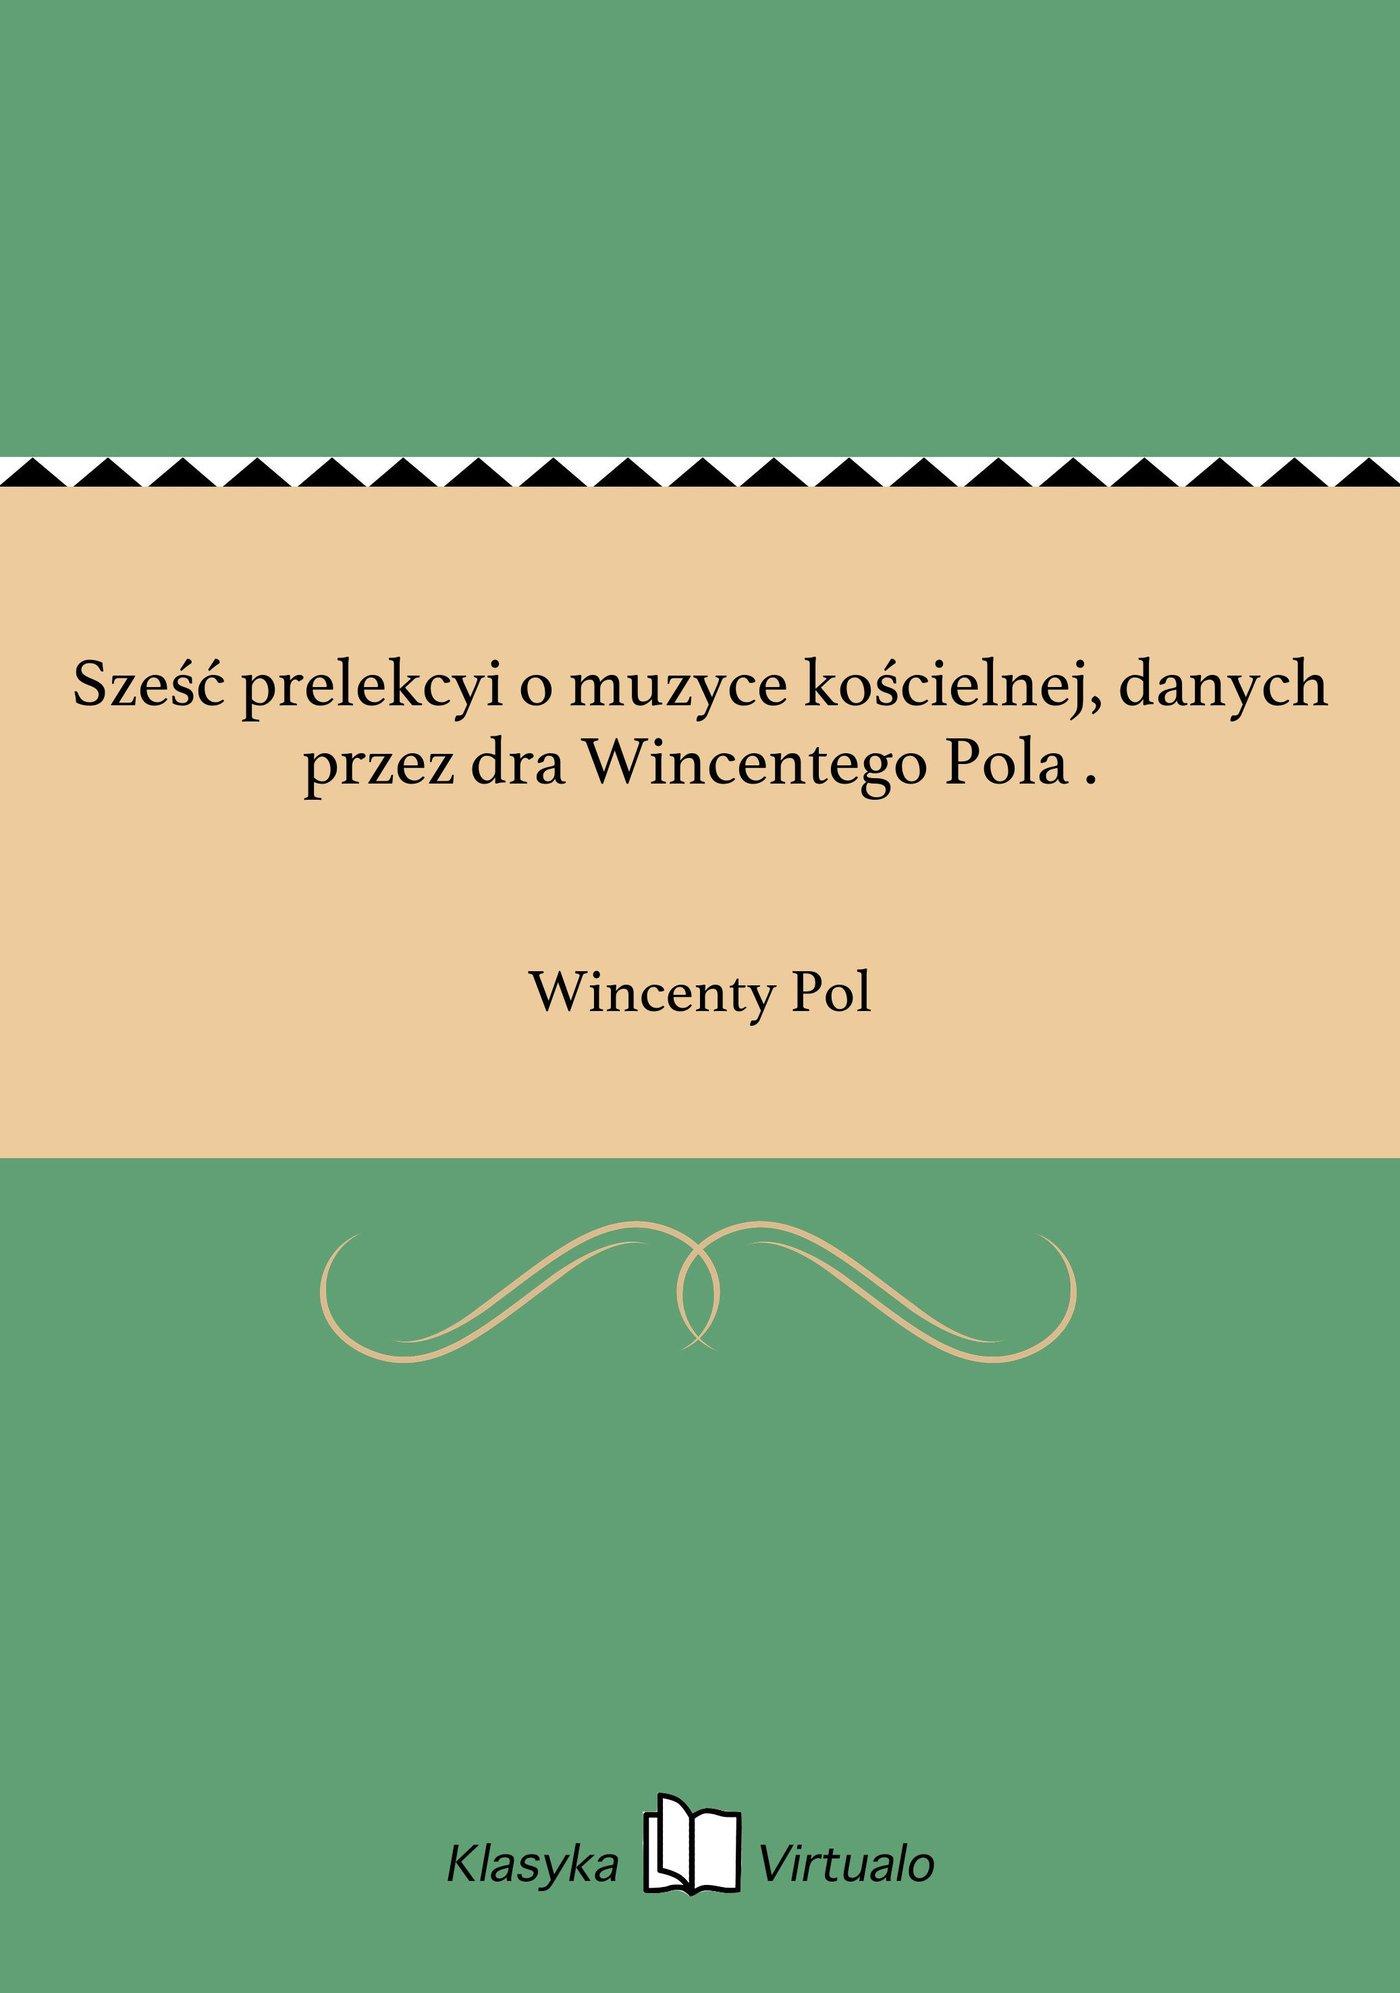 Sześć prelekcyi o muzyce kościelnej, danych przez dra Wincentego Pola . - Ebook (Książka EPUB) do pobrania w formacie EPUB